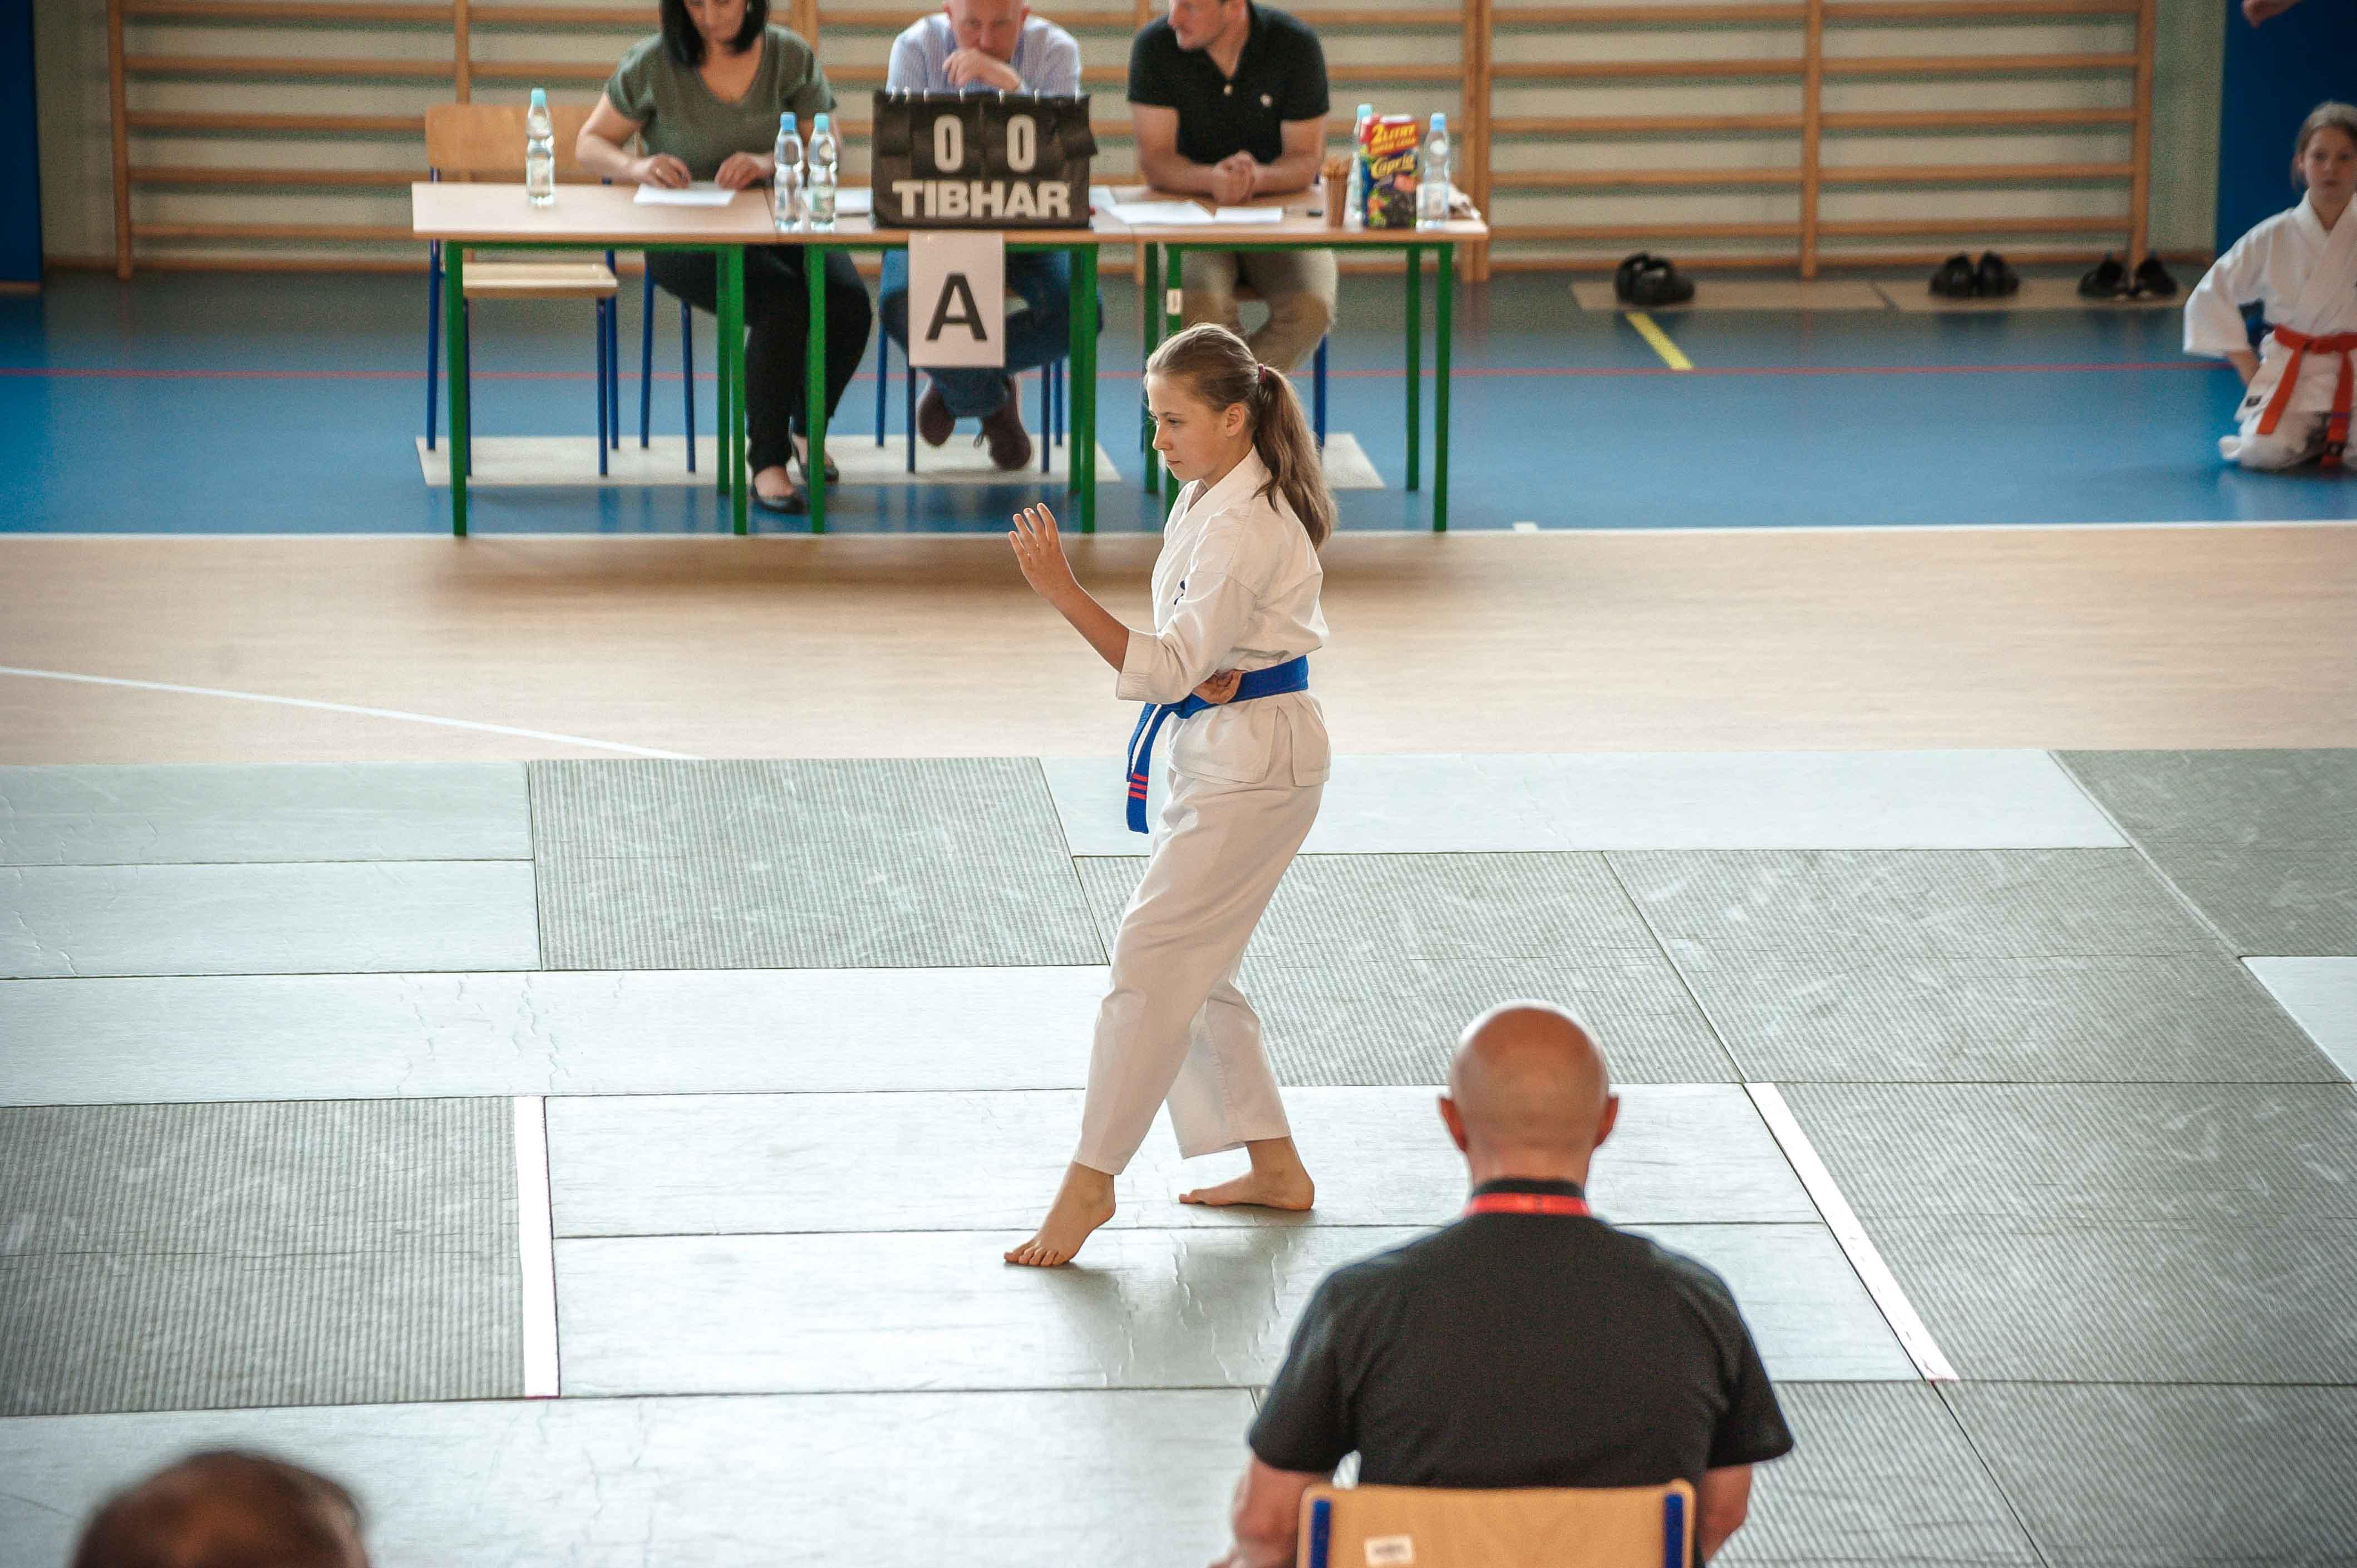 17 Turniej Karate Nowy Targ 2019_19.JPG